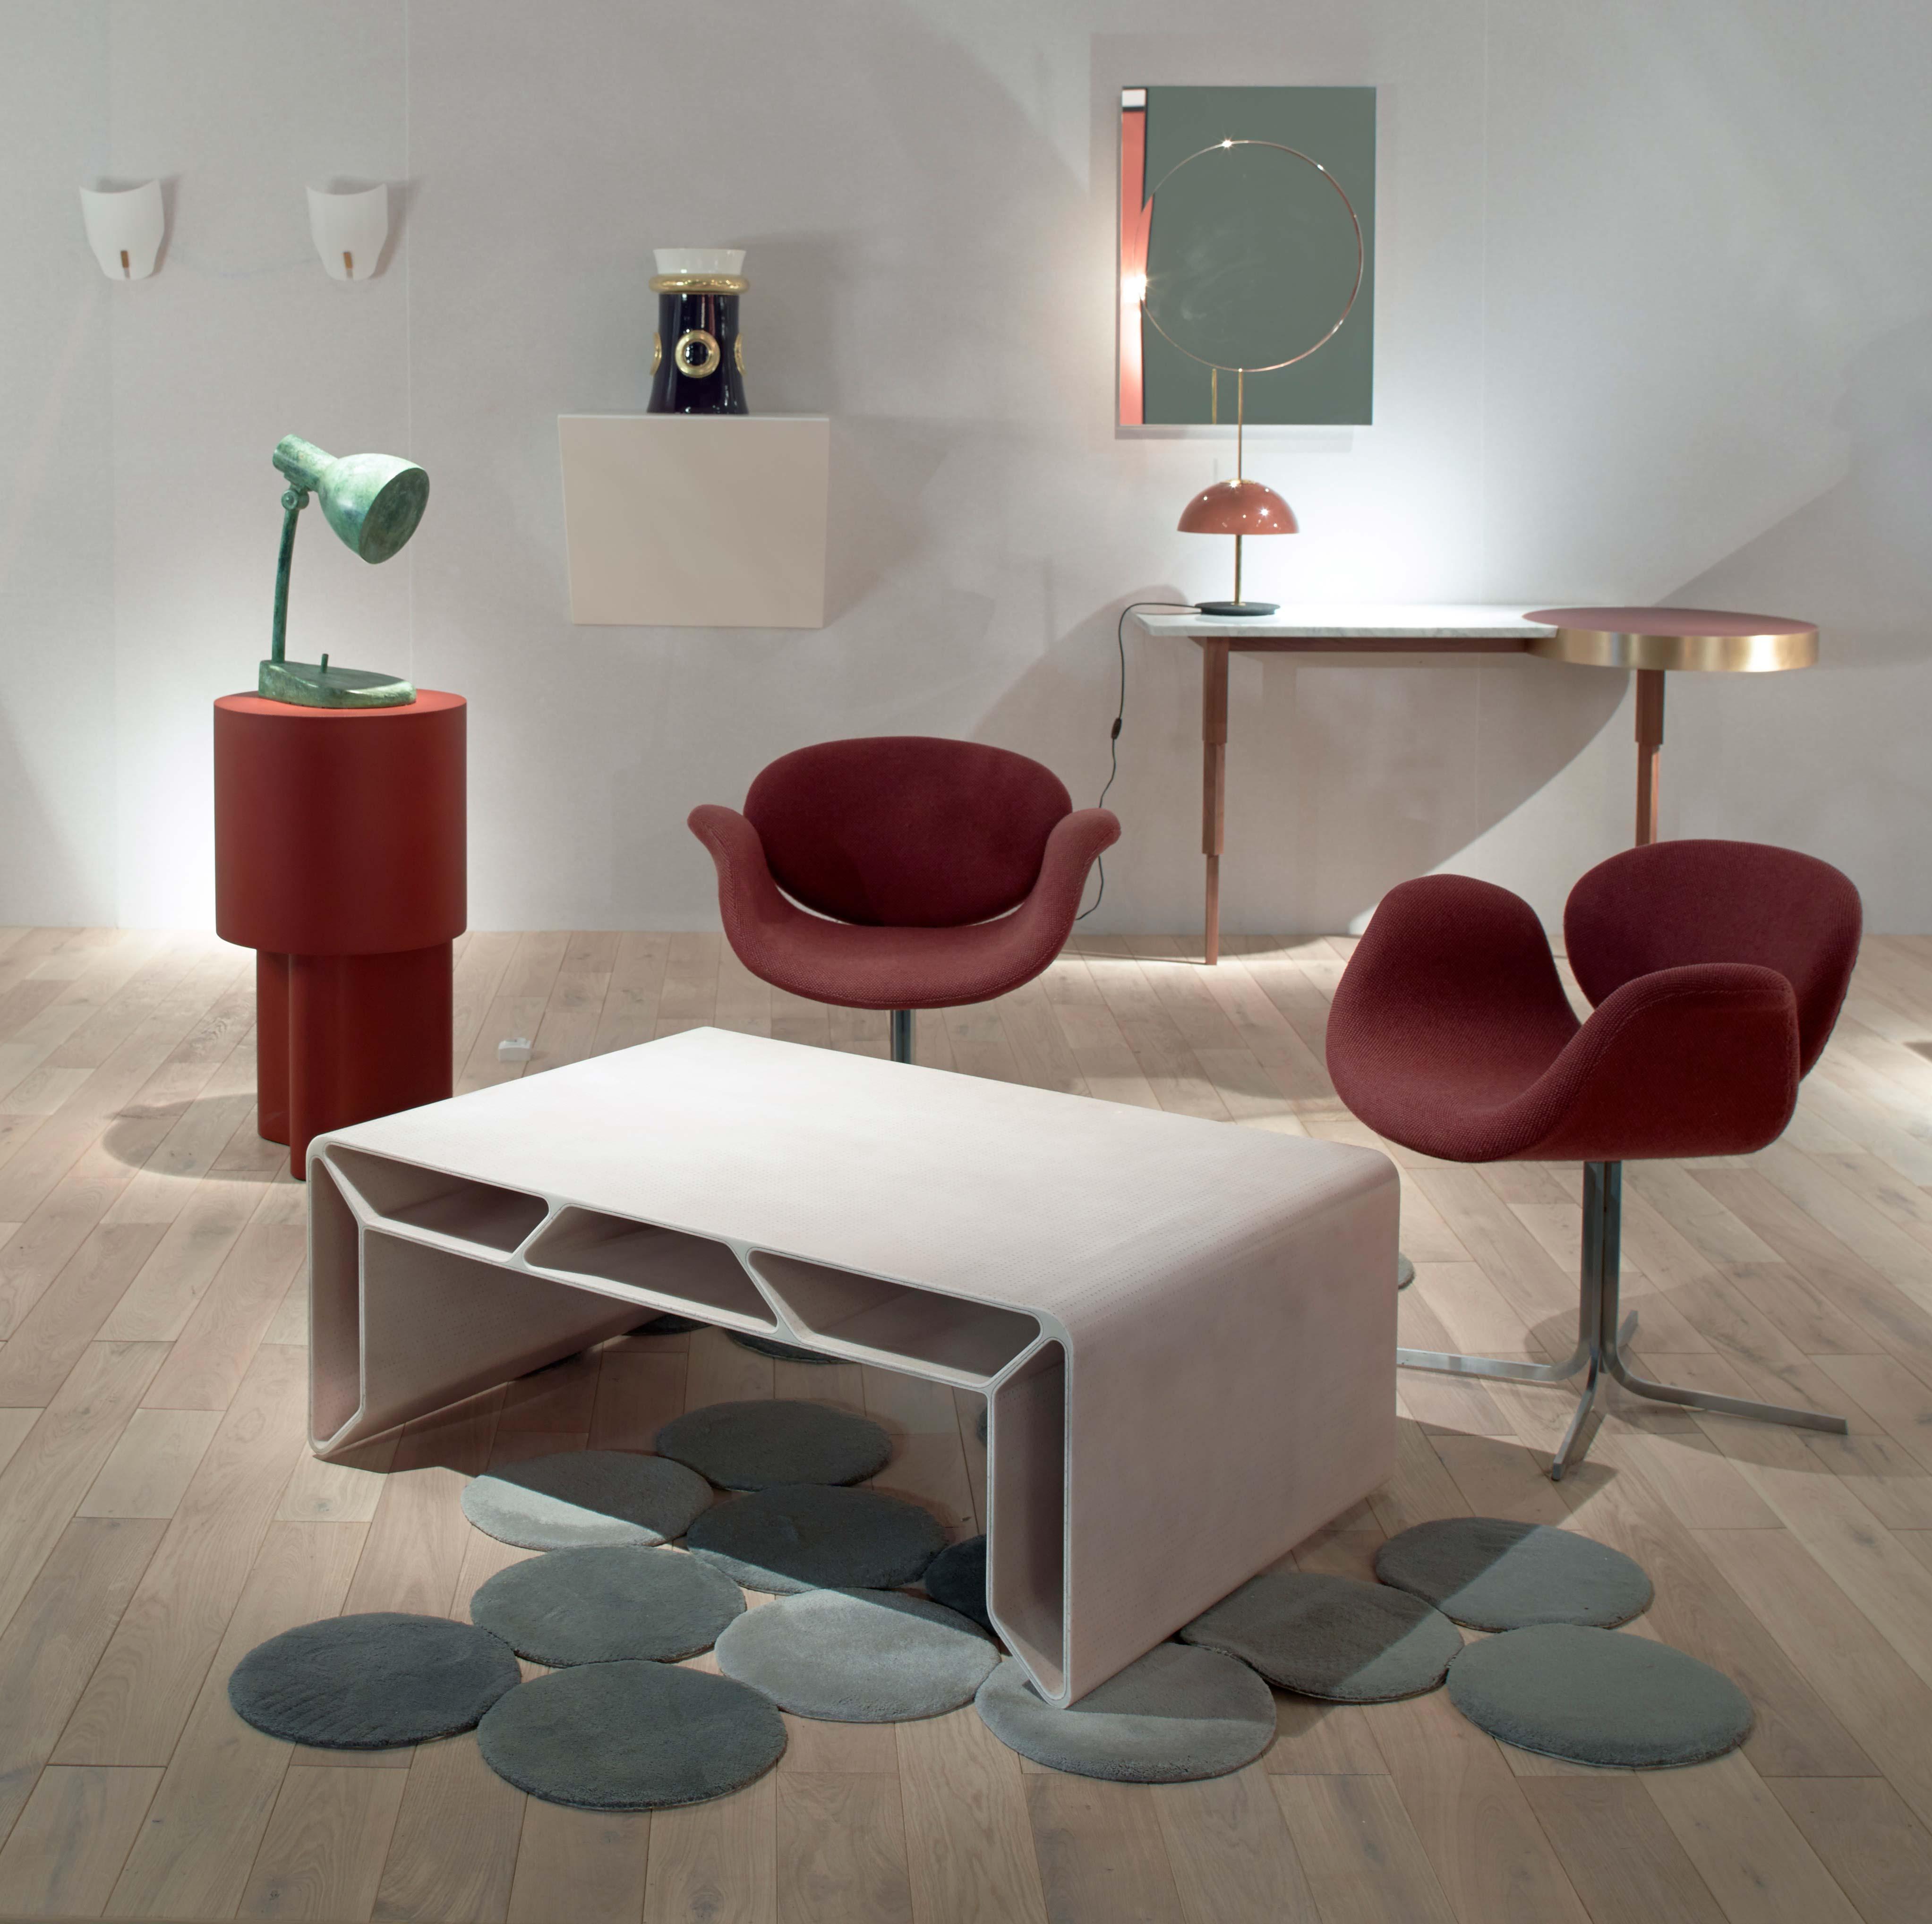 Sur la gauche, la Lampada senza luce du mythique architecte et designer italien Alessandro Mendini. Au milieu, la table en feutre et résine de François Bauchet.